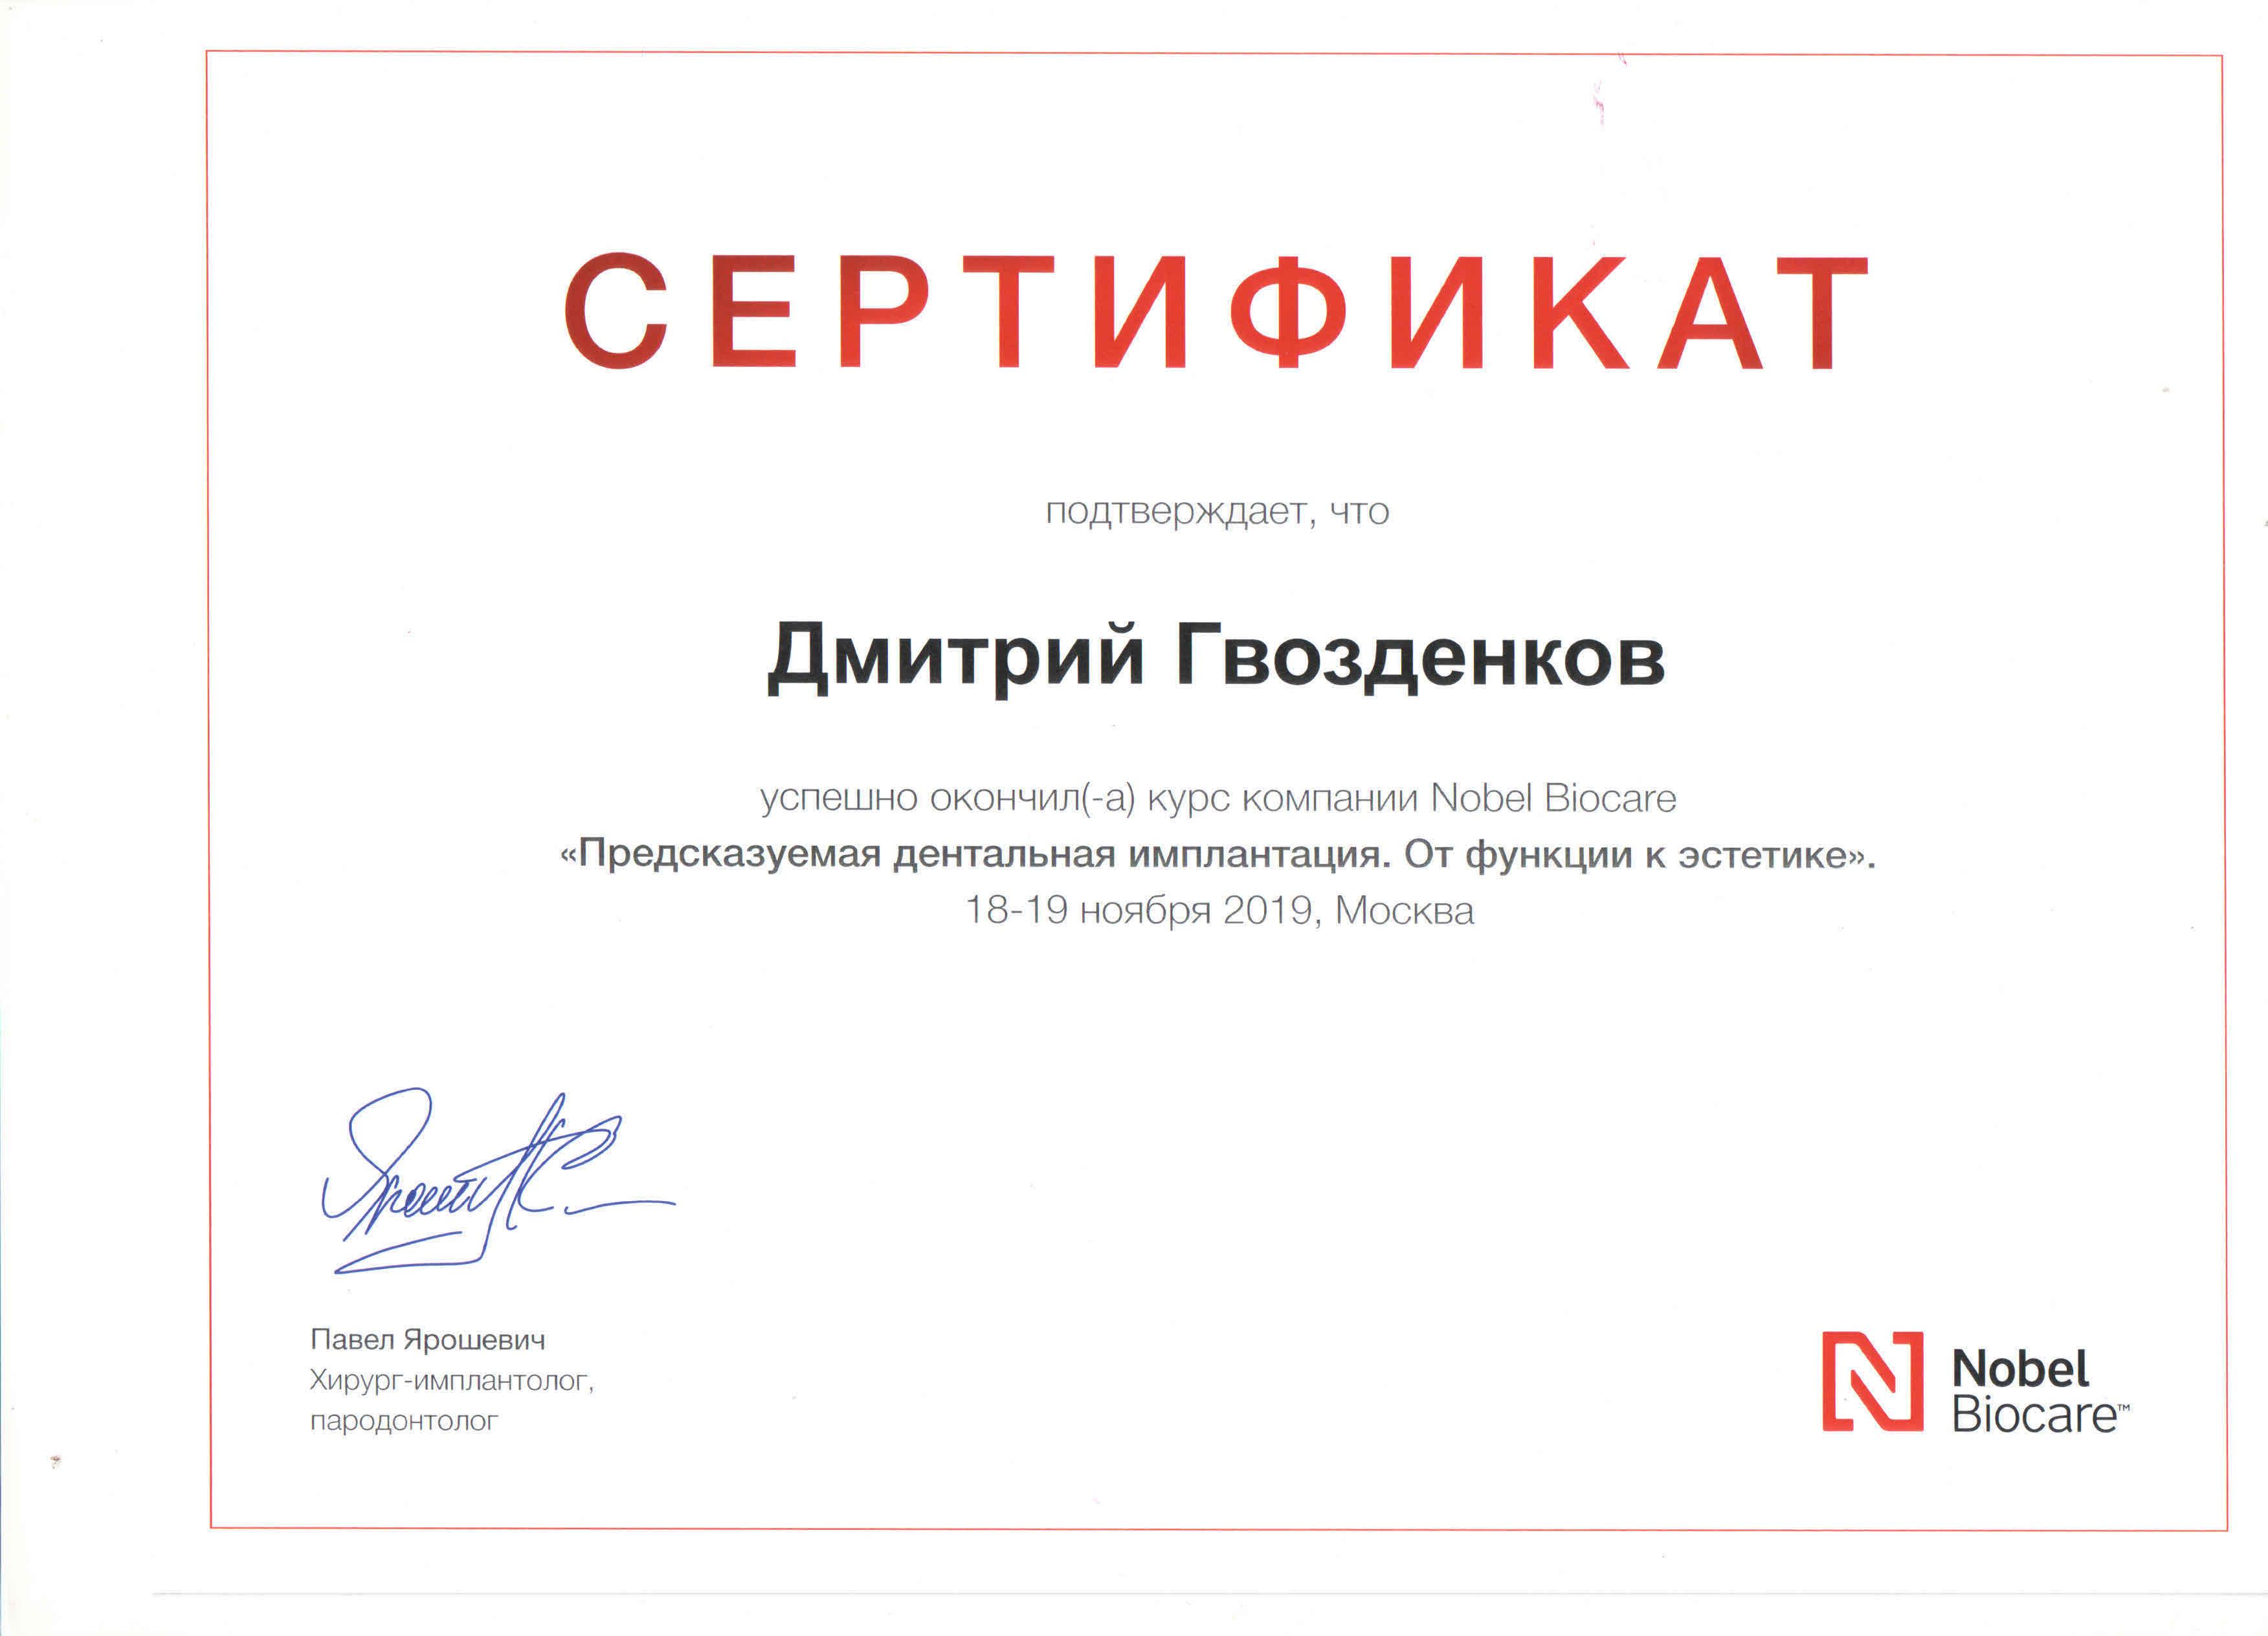 Гвозденков Дмитрий-Нобель